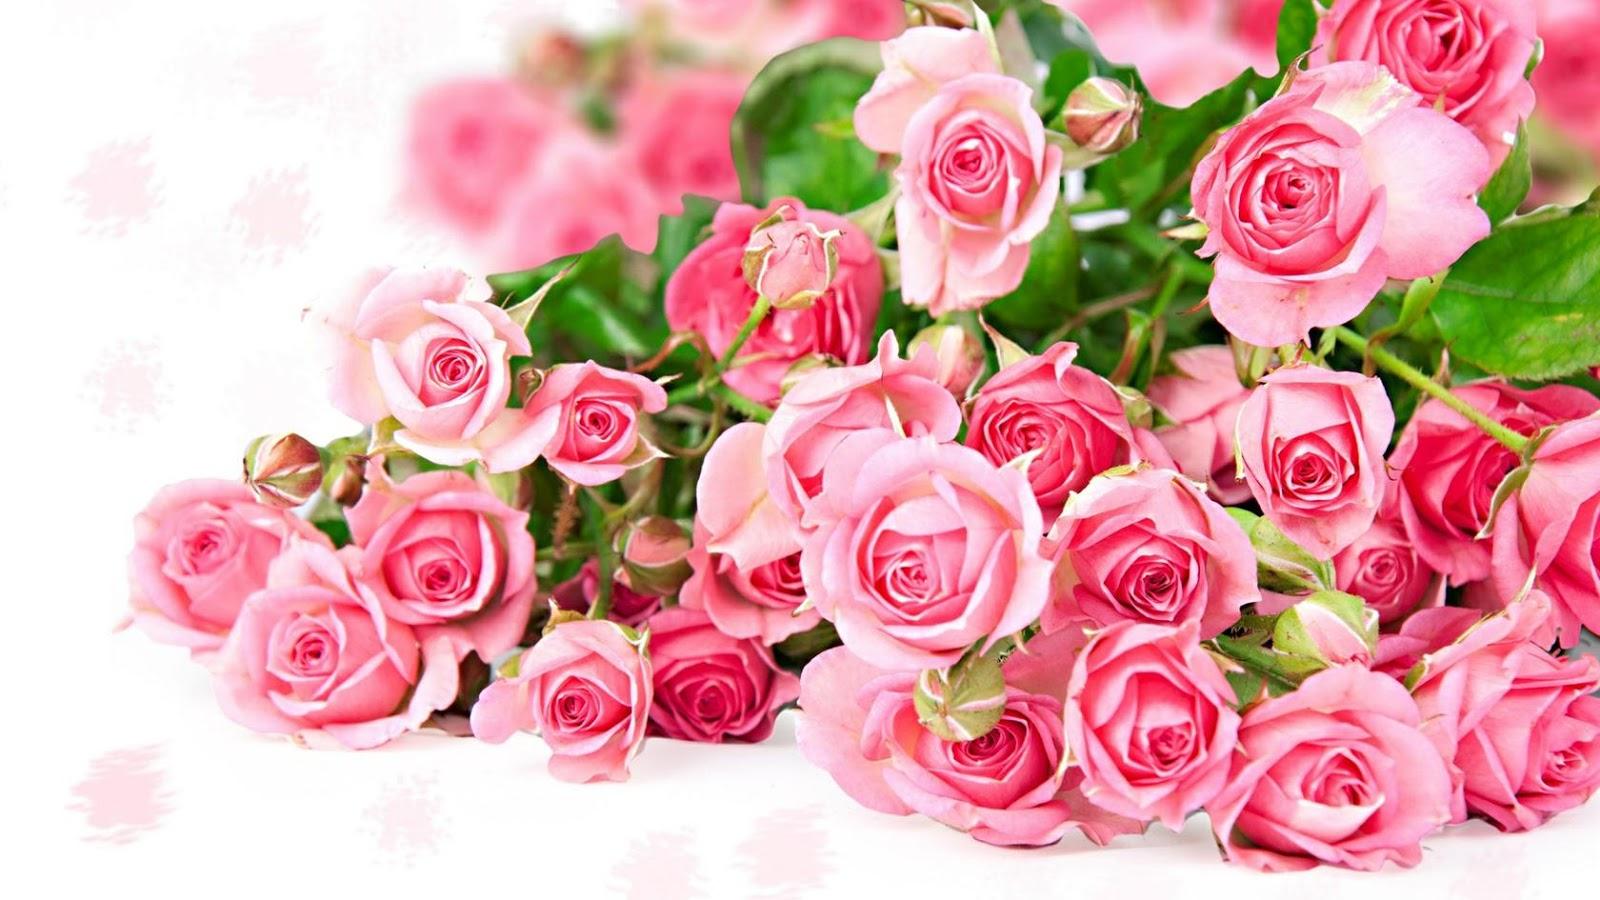 Pencinta Bunga Cantik Khas Surabaya Makna Warna Bunga Mawar